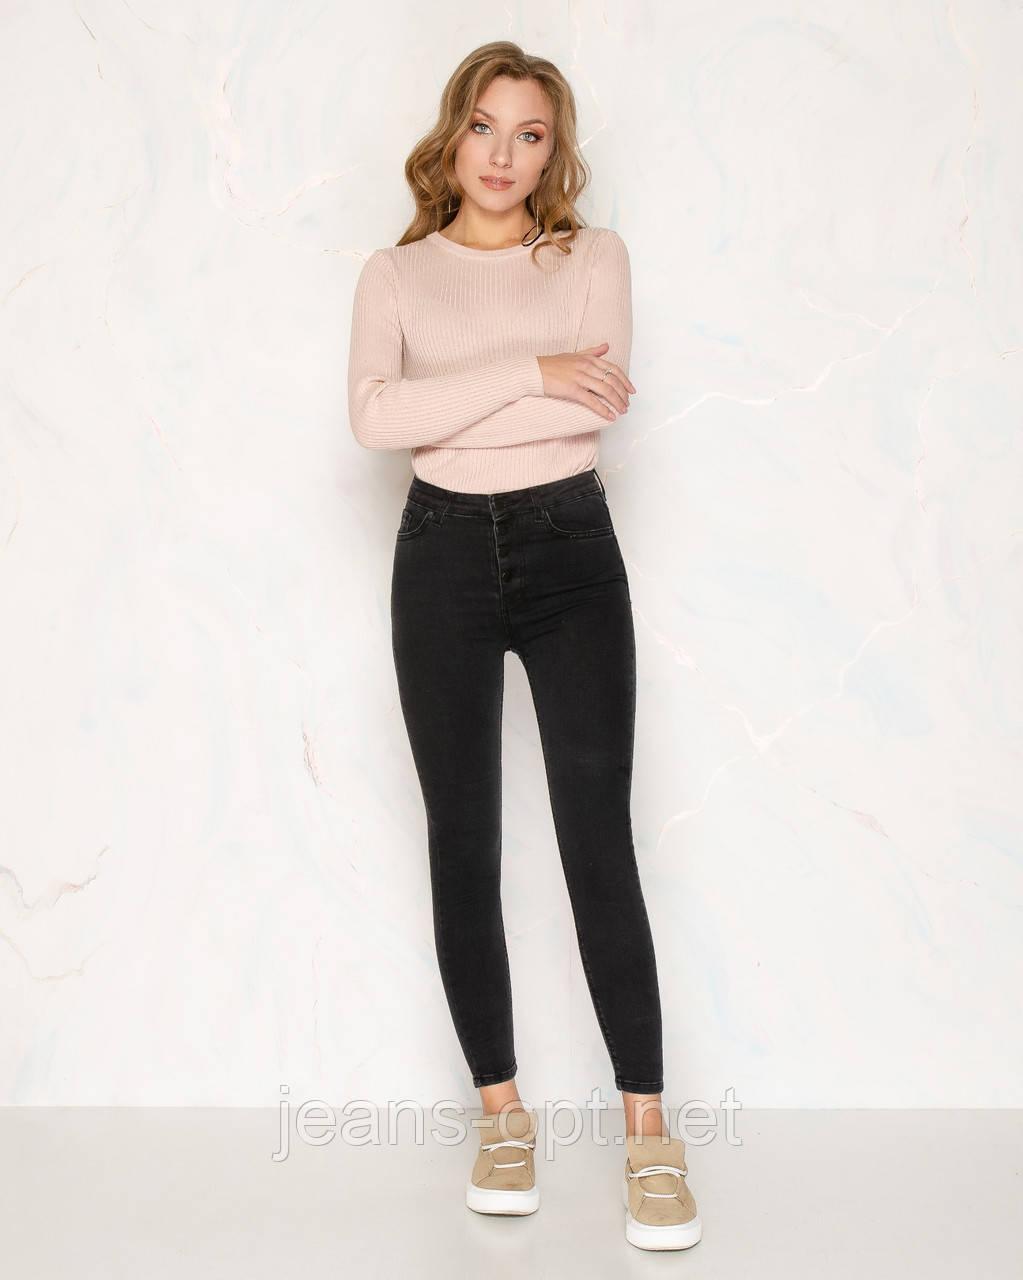 Женская американка джинс на пуговицах 1